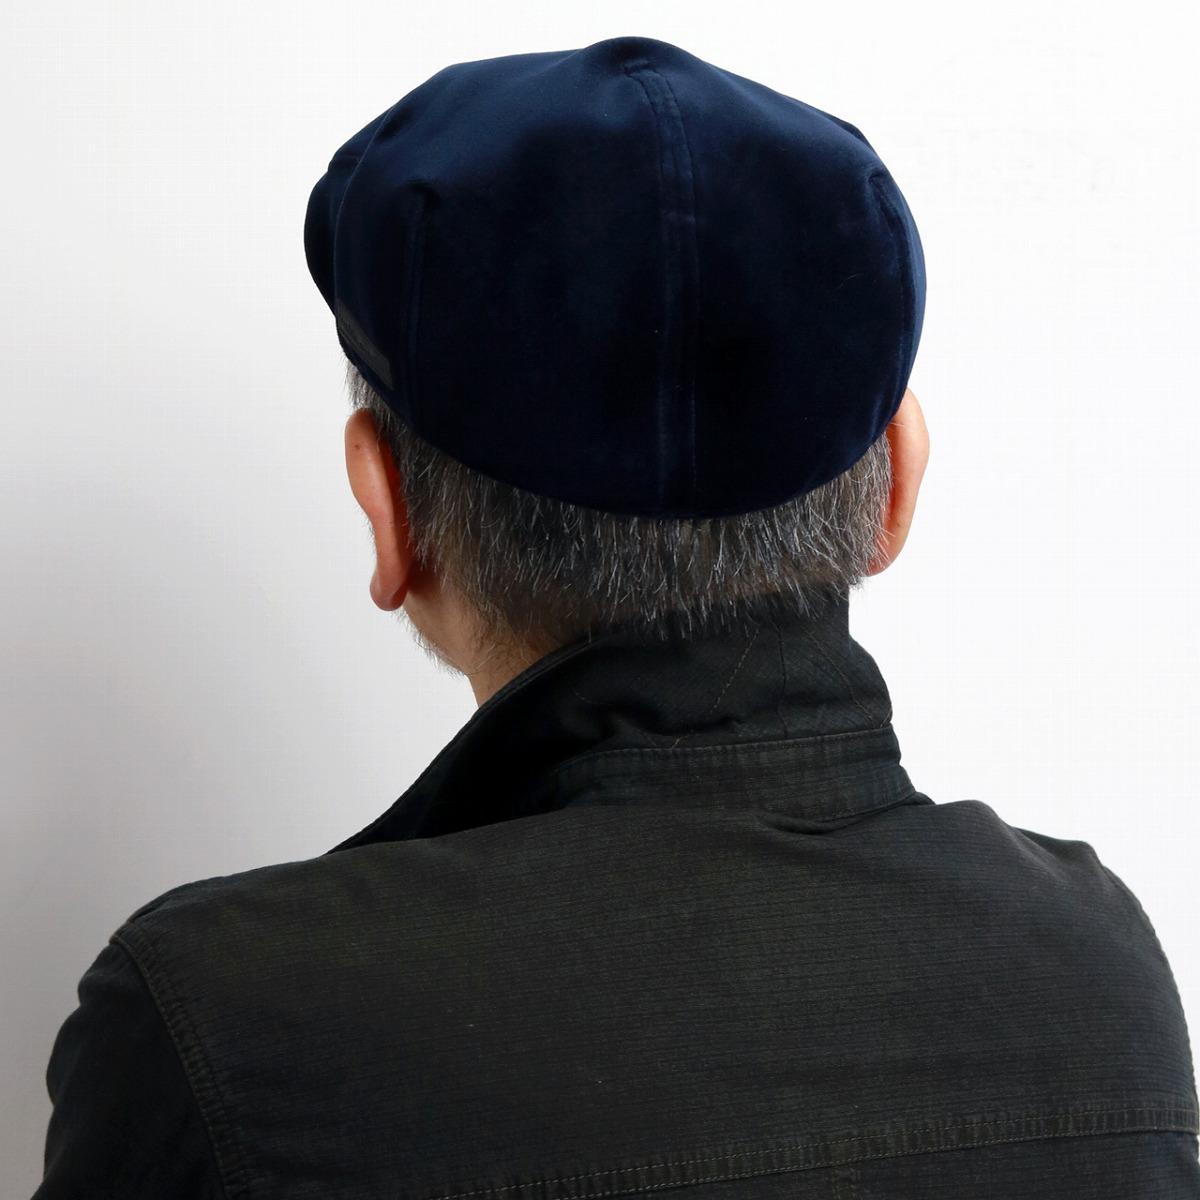 f118eb0eec8d8 ELEHELM HAT STORE  Velour Italy haute couture brand deerstalker ...